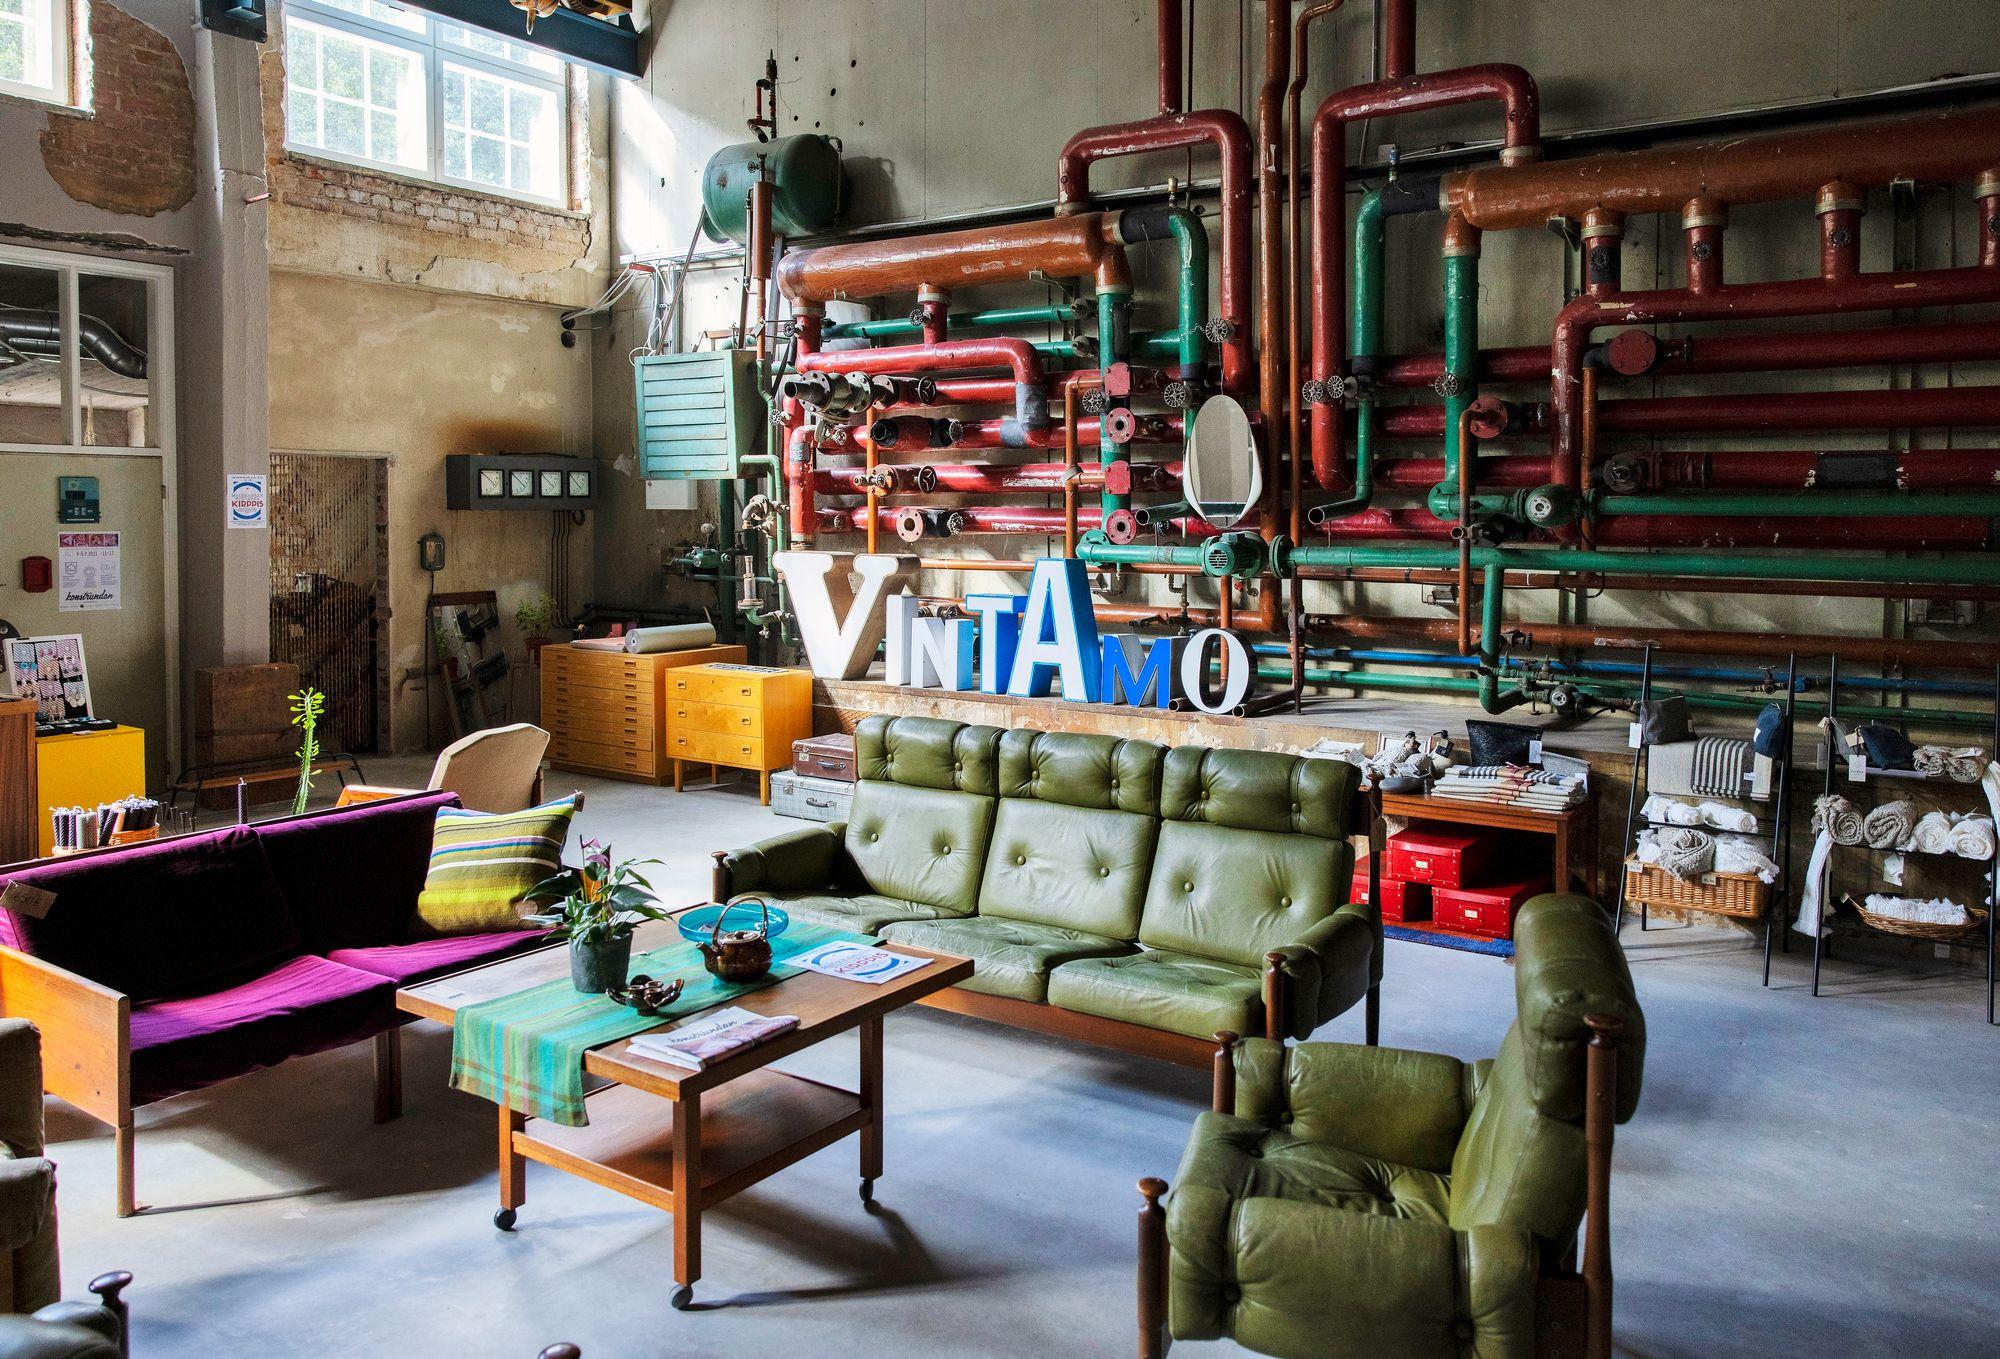 Karkkilan tehdasalueella toimii samassa rakennuksessa myös vintageliike. © Tommi Tuomi